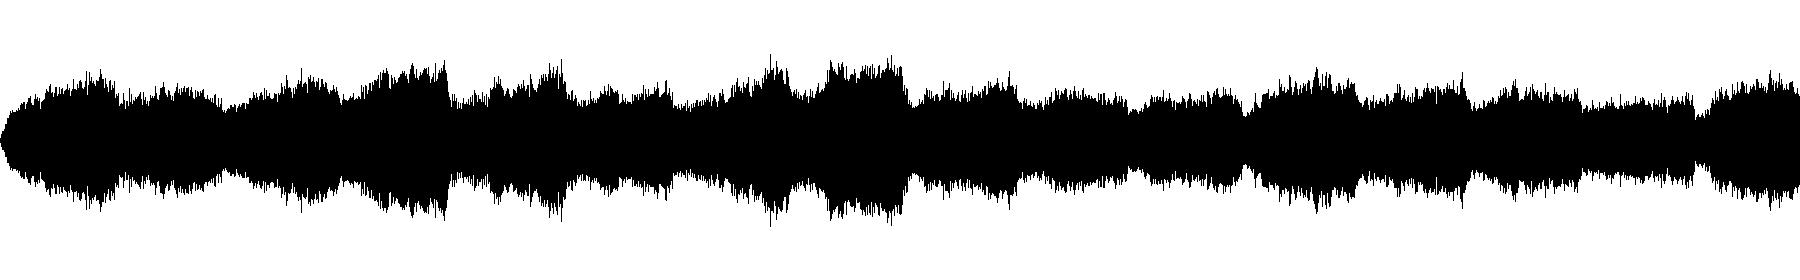 melody 16bpm125keyb